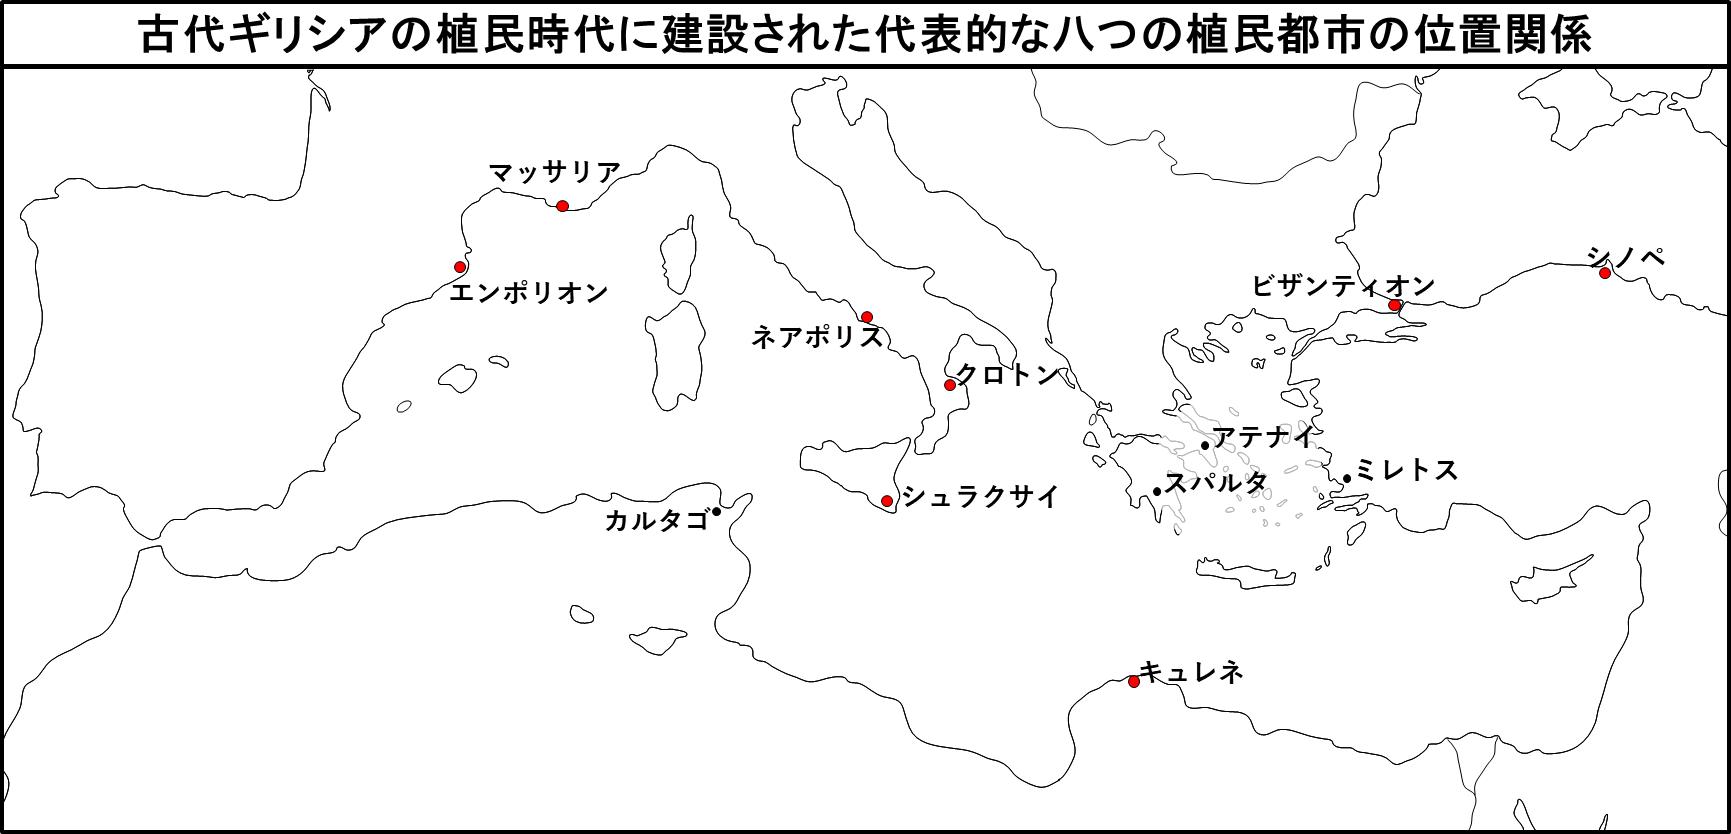 古代ギリシアの植民時代に建設された地中海における代表的な八つのポリスの位置関係